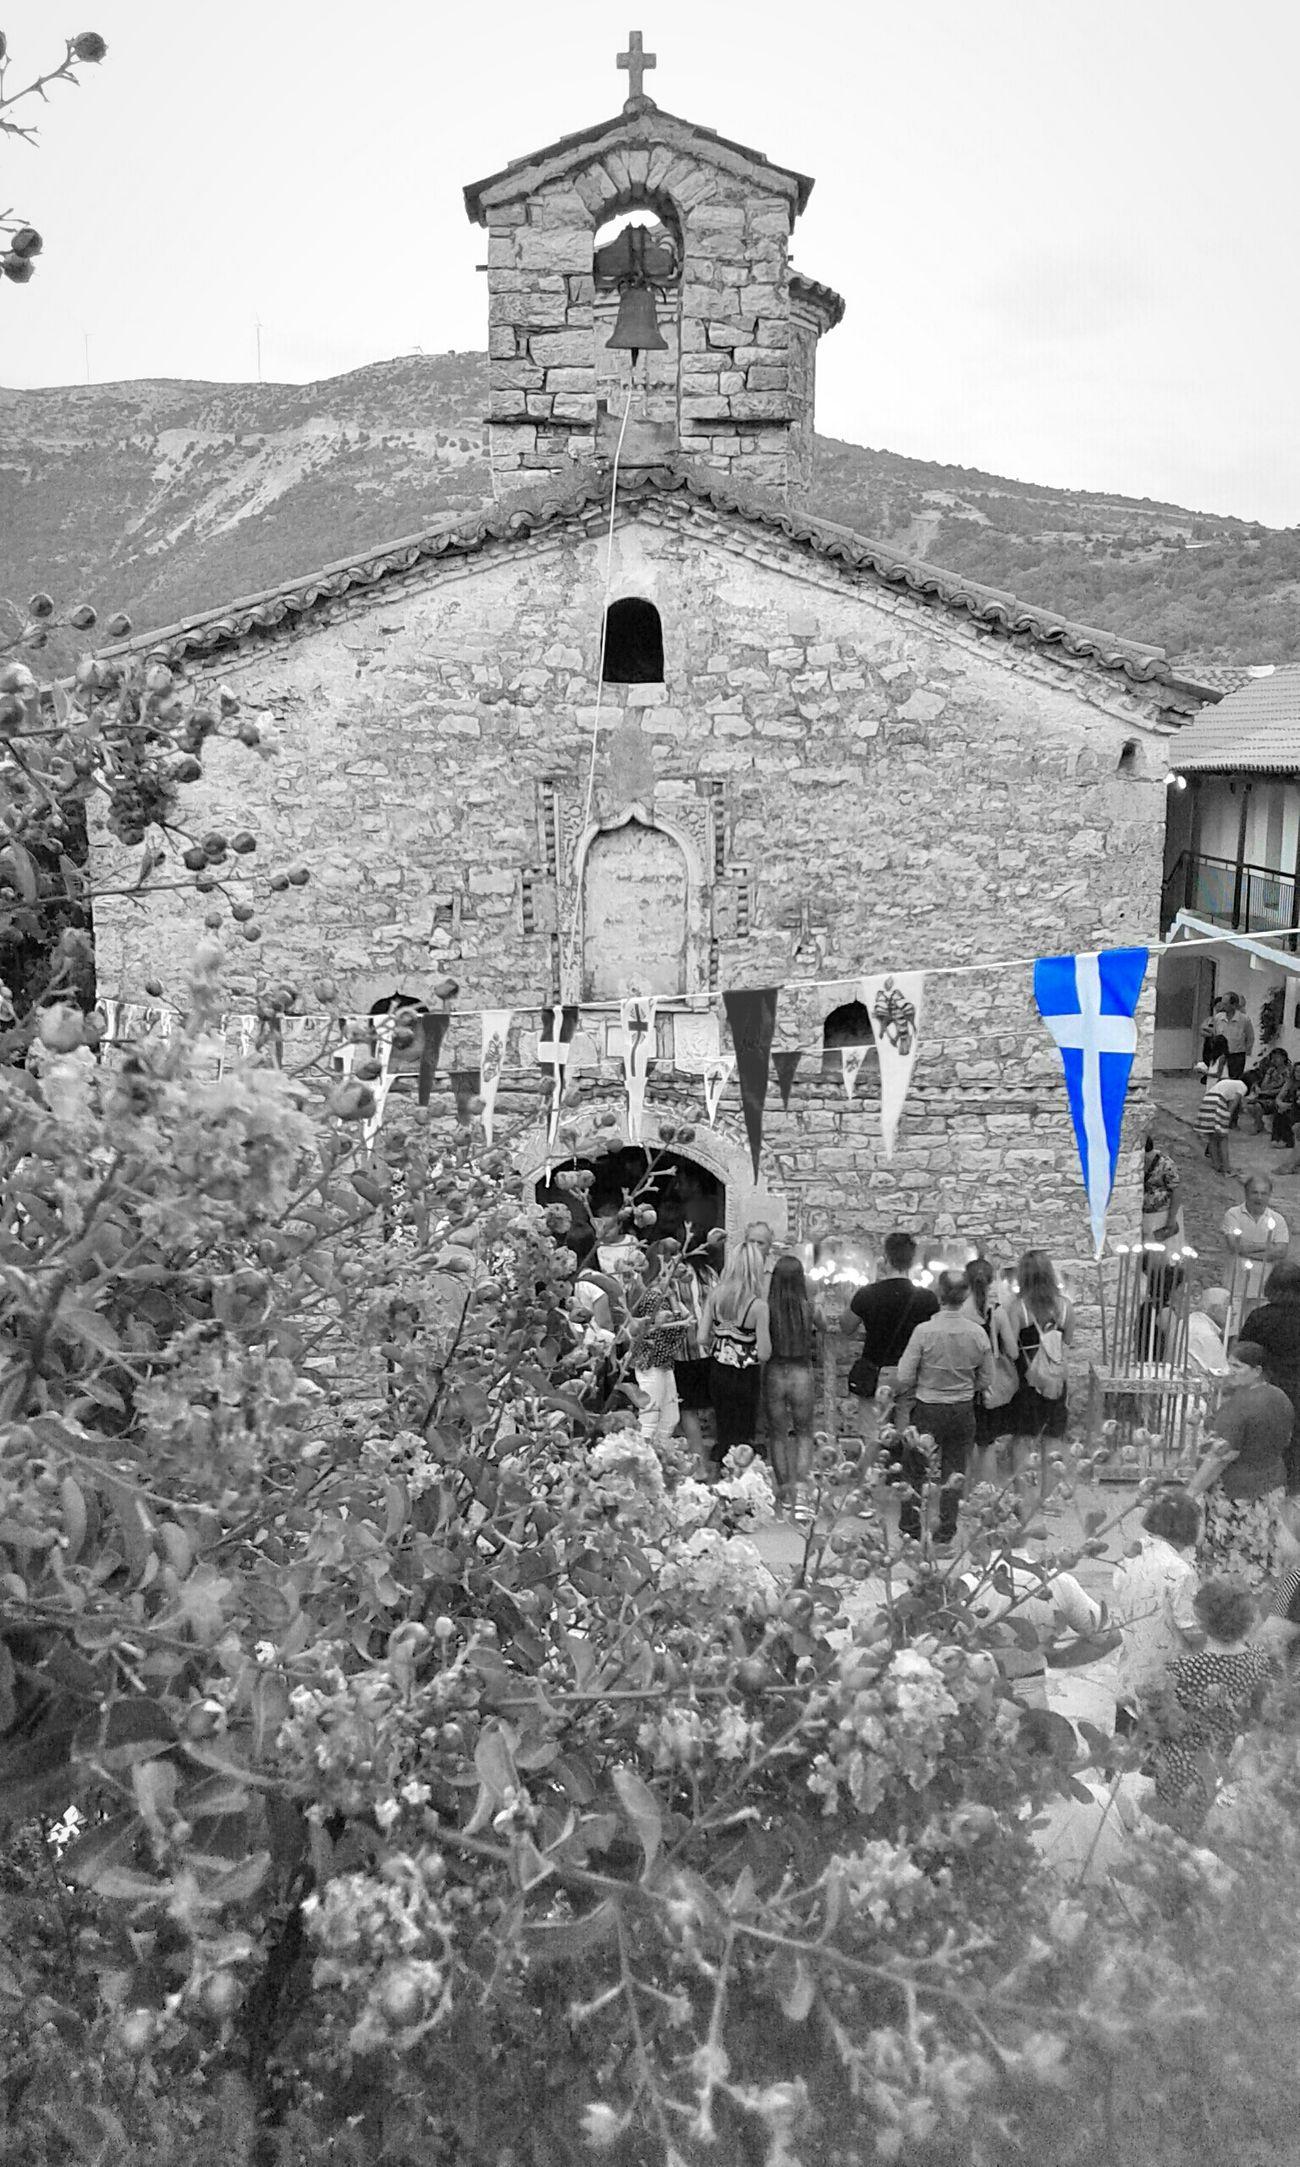 saint john prodromos Vomvokou Nafpaktos Orthodox Church Orthodox Christian Monastery Byzantine Architecture